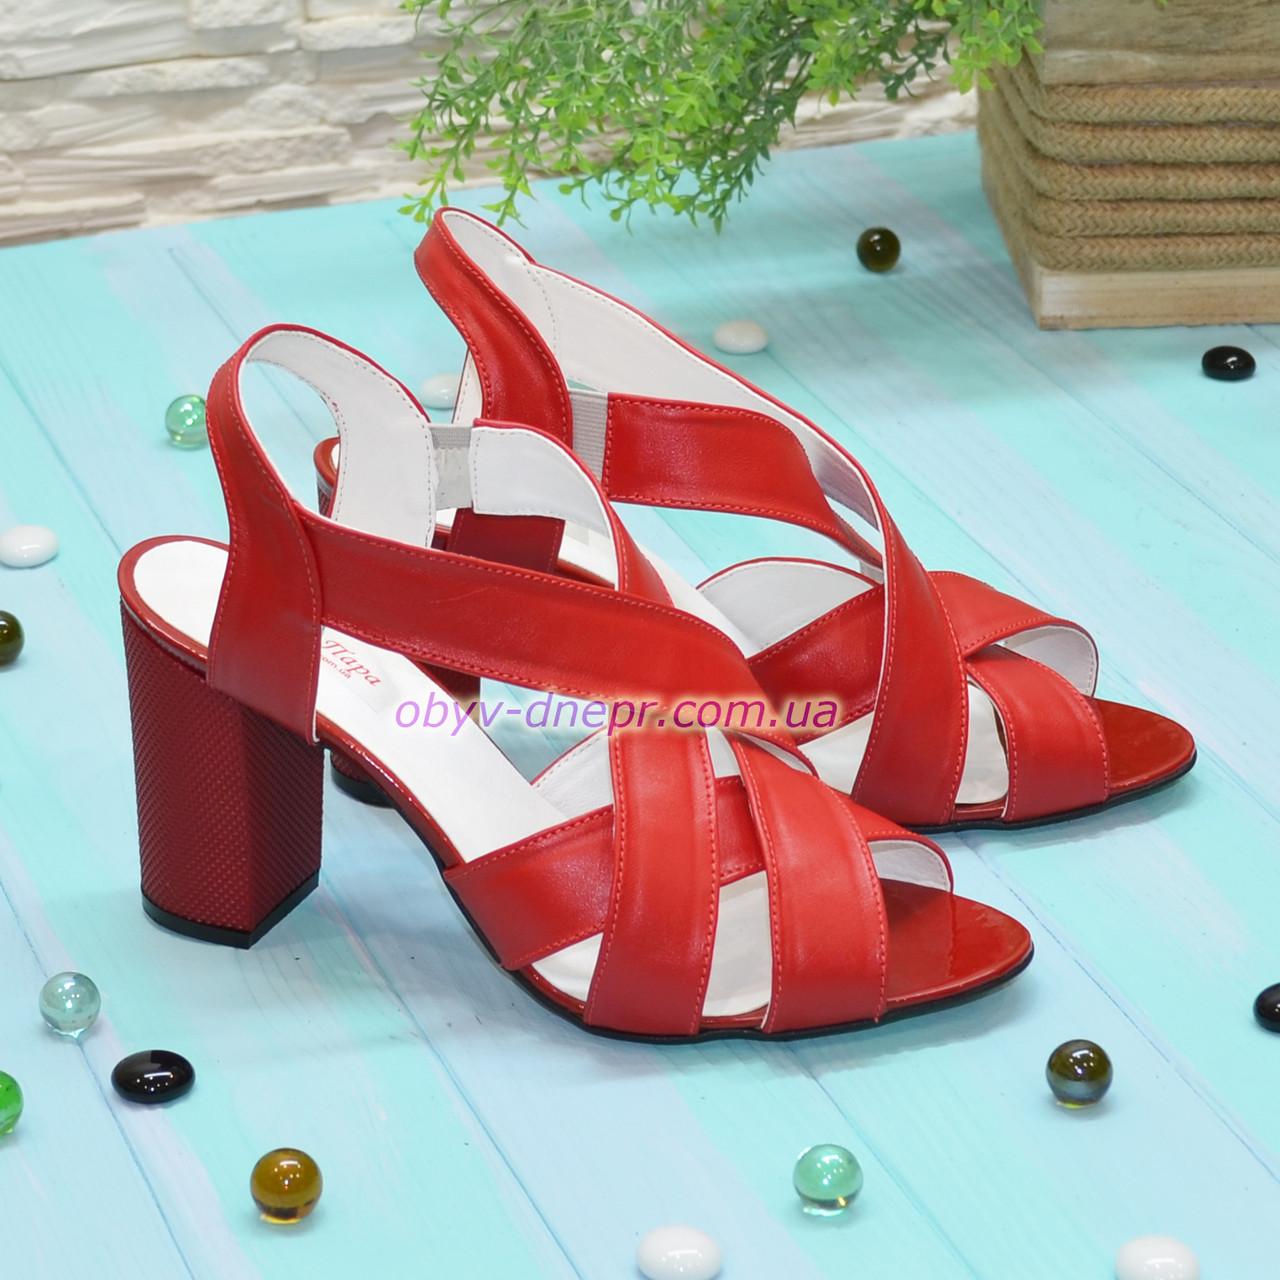 Босоножки женские кожаные на высоком каблуке, цвет красный